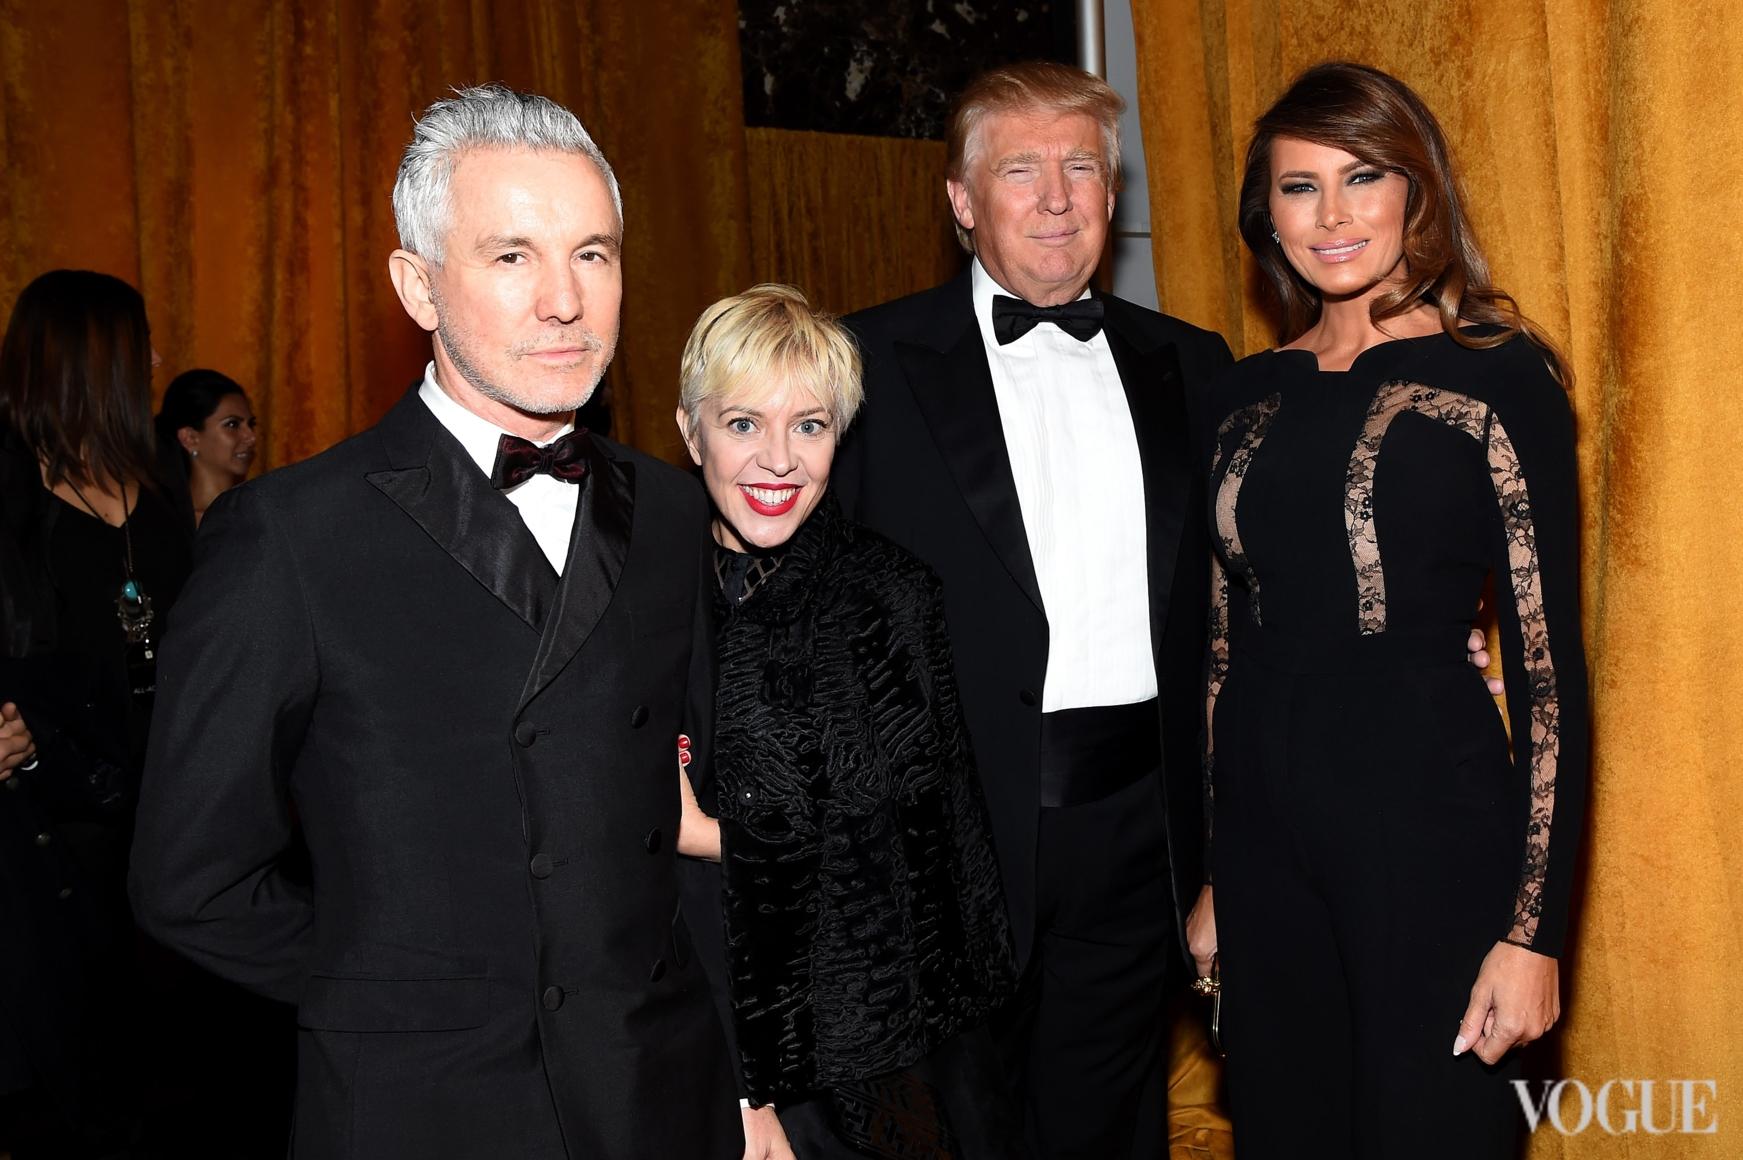 Баз Лурман, Кэтрин Мартин, Дональд и Мелания Трамп